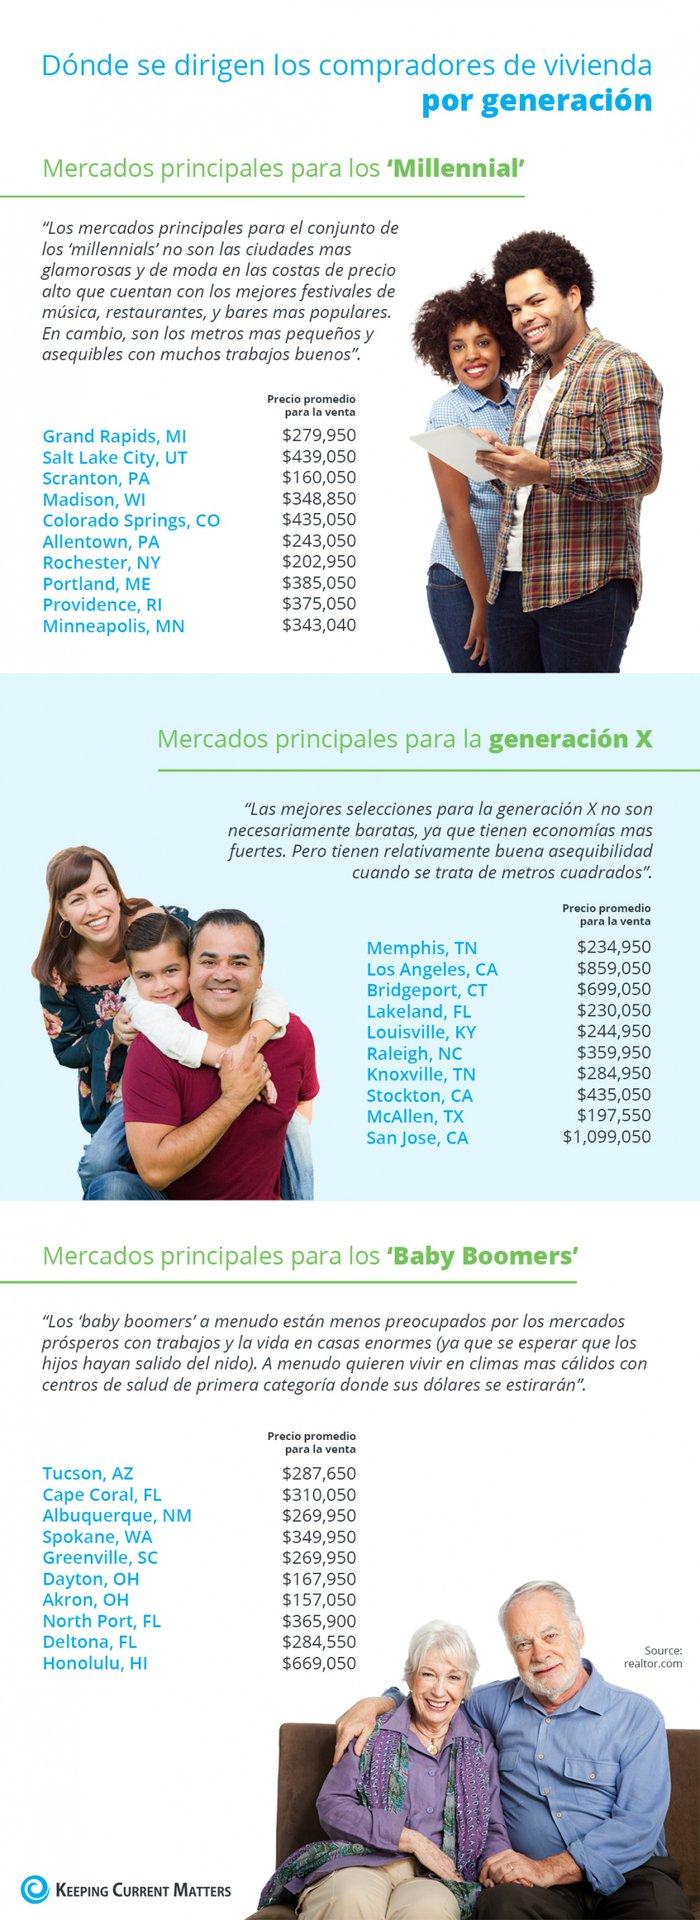 Dónde se dirigen los compradores de vivienda por generación [infografía]